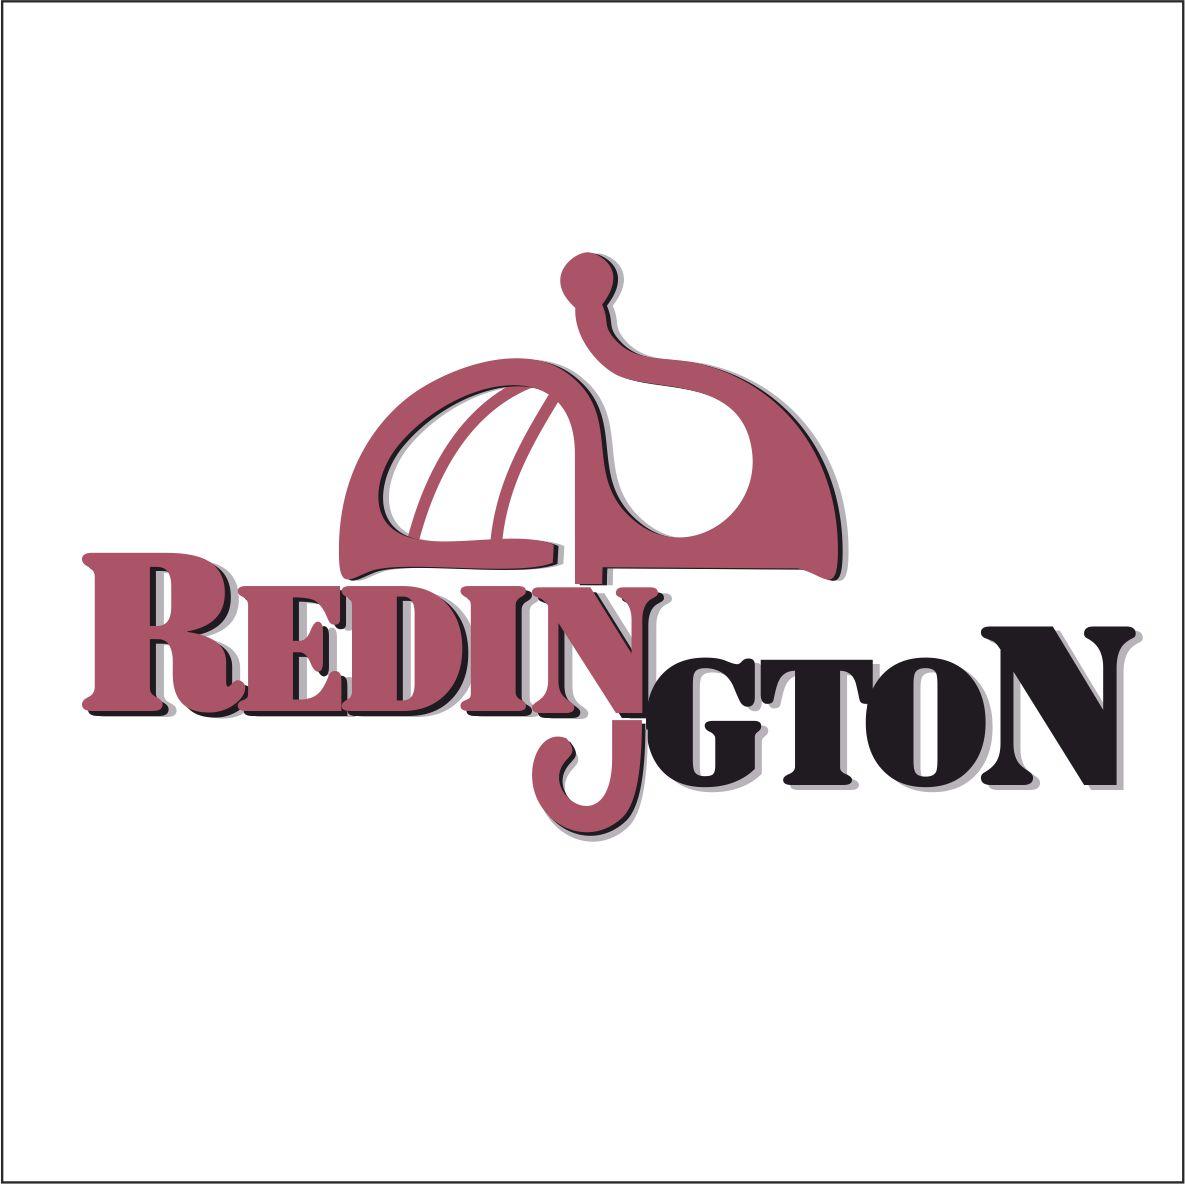 Создание логотипа для компании Redington фото f_39259b6e80569ca8.jpg